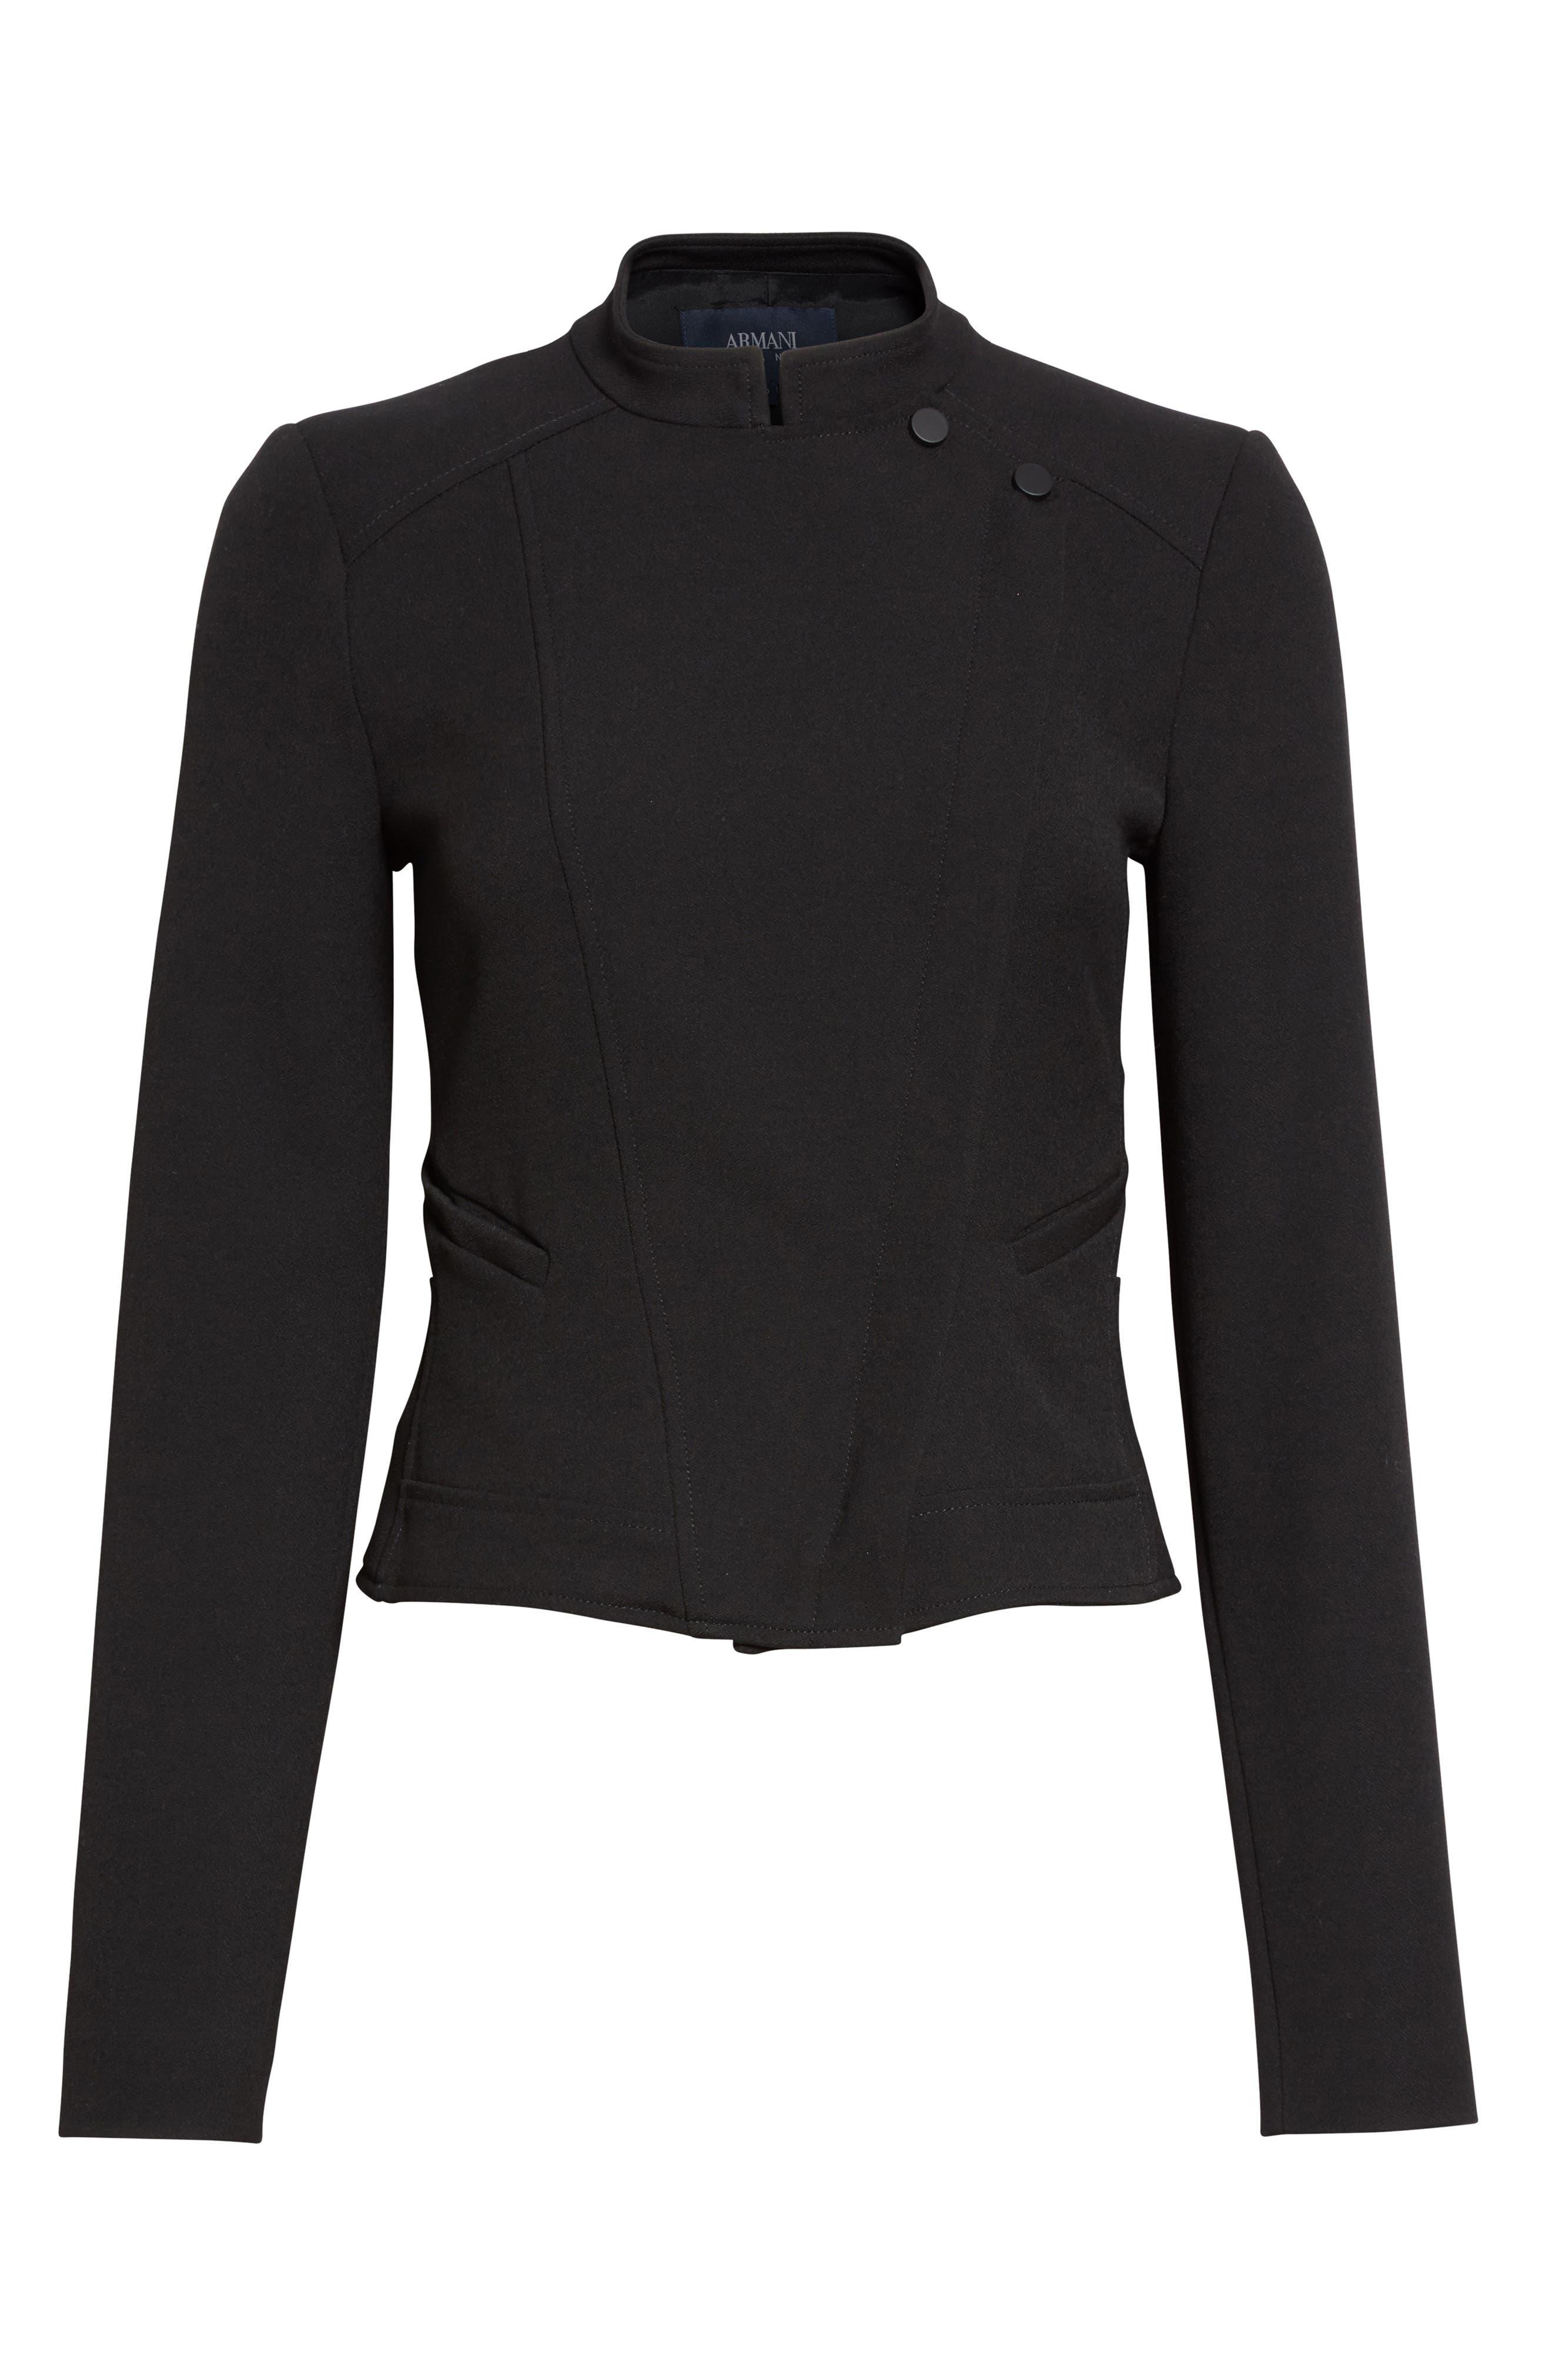 Armani Jeans Crepe Moto Jacket,                             Alternate thumbnail 4, color,                             Black